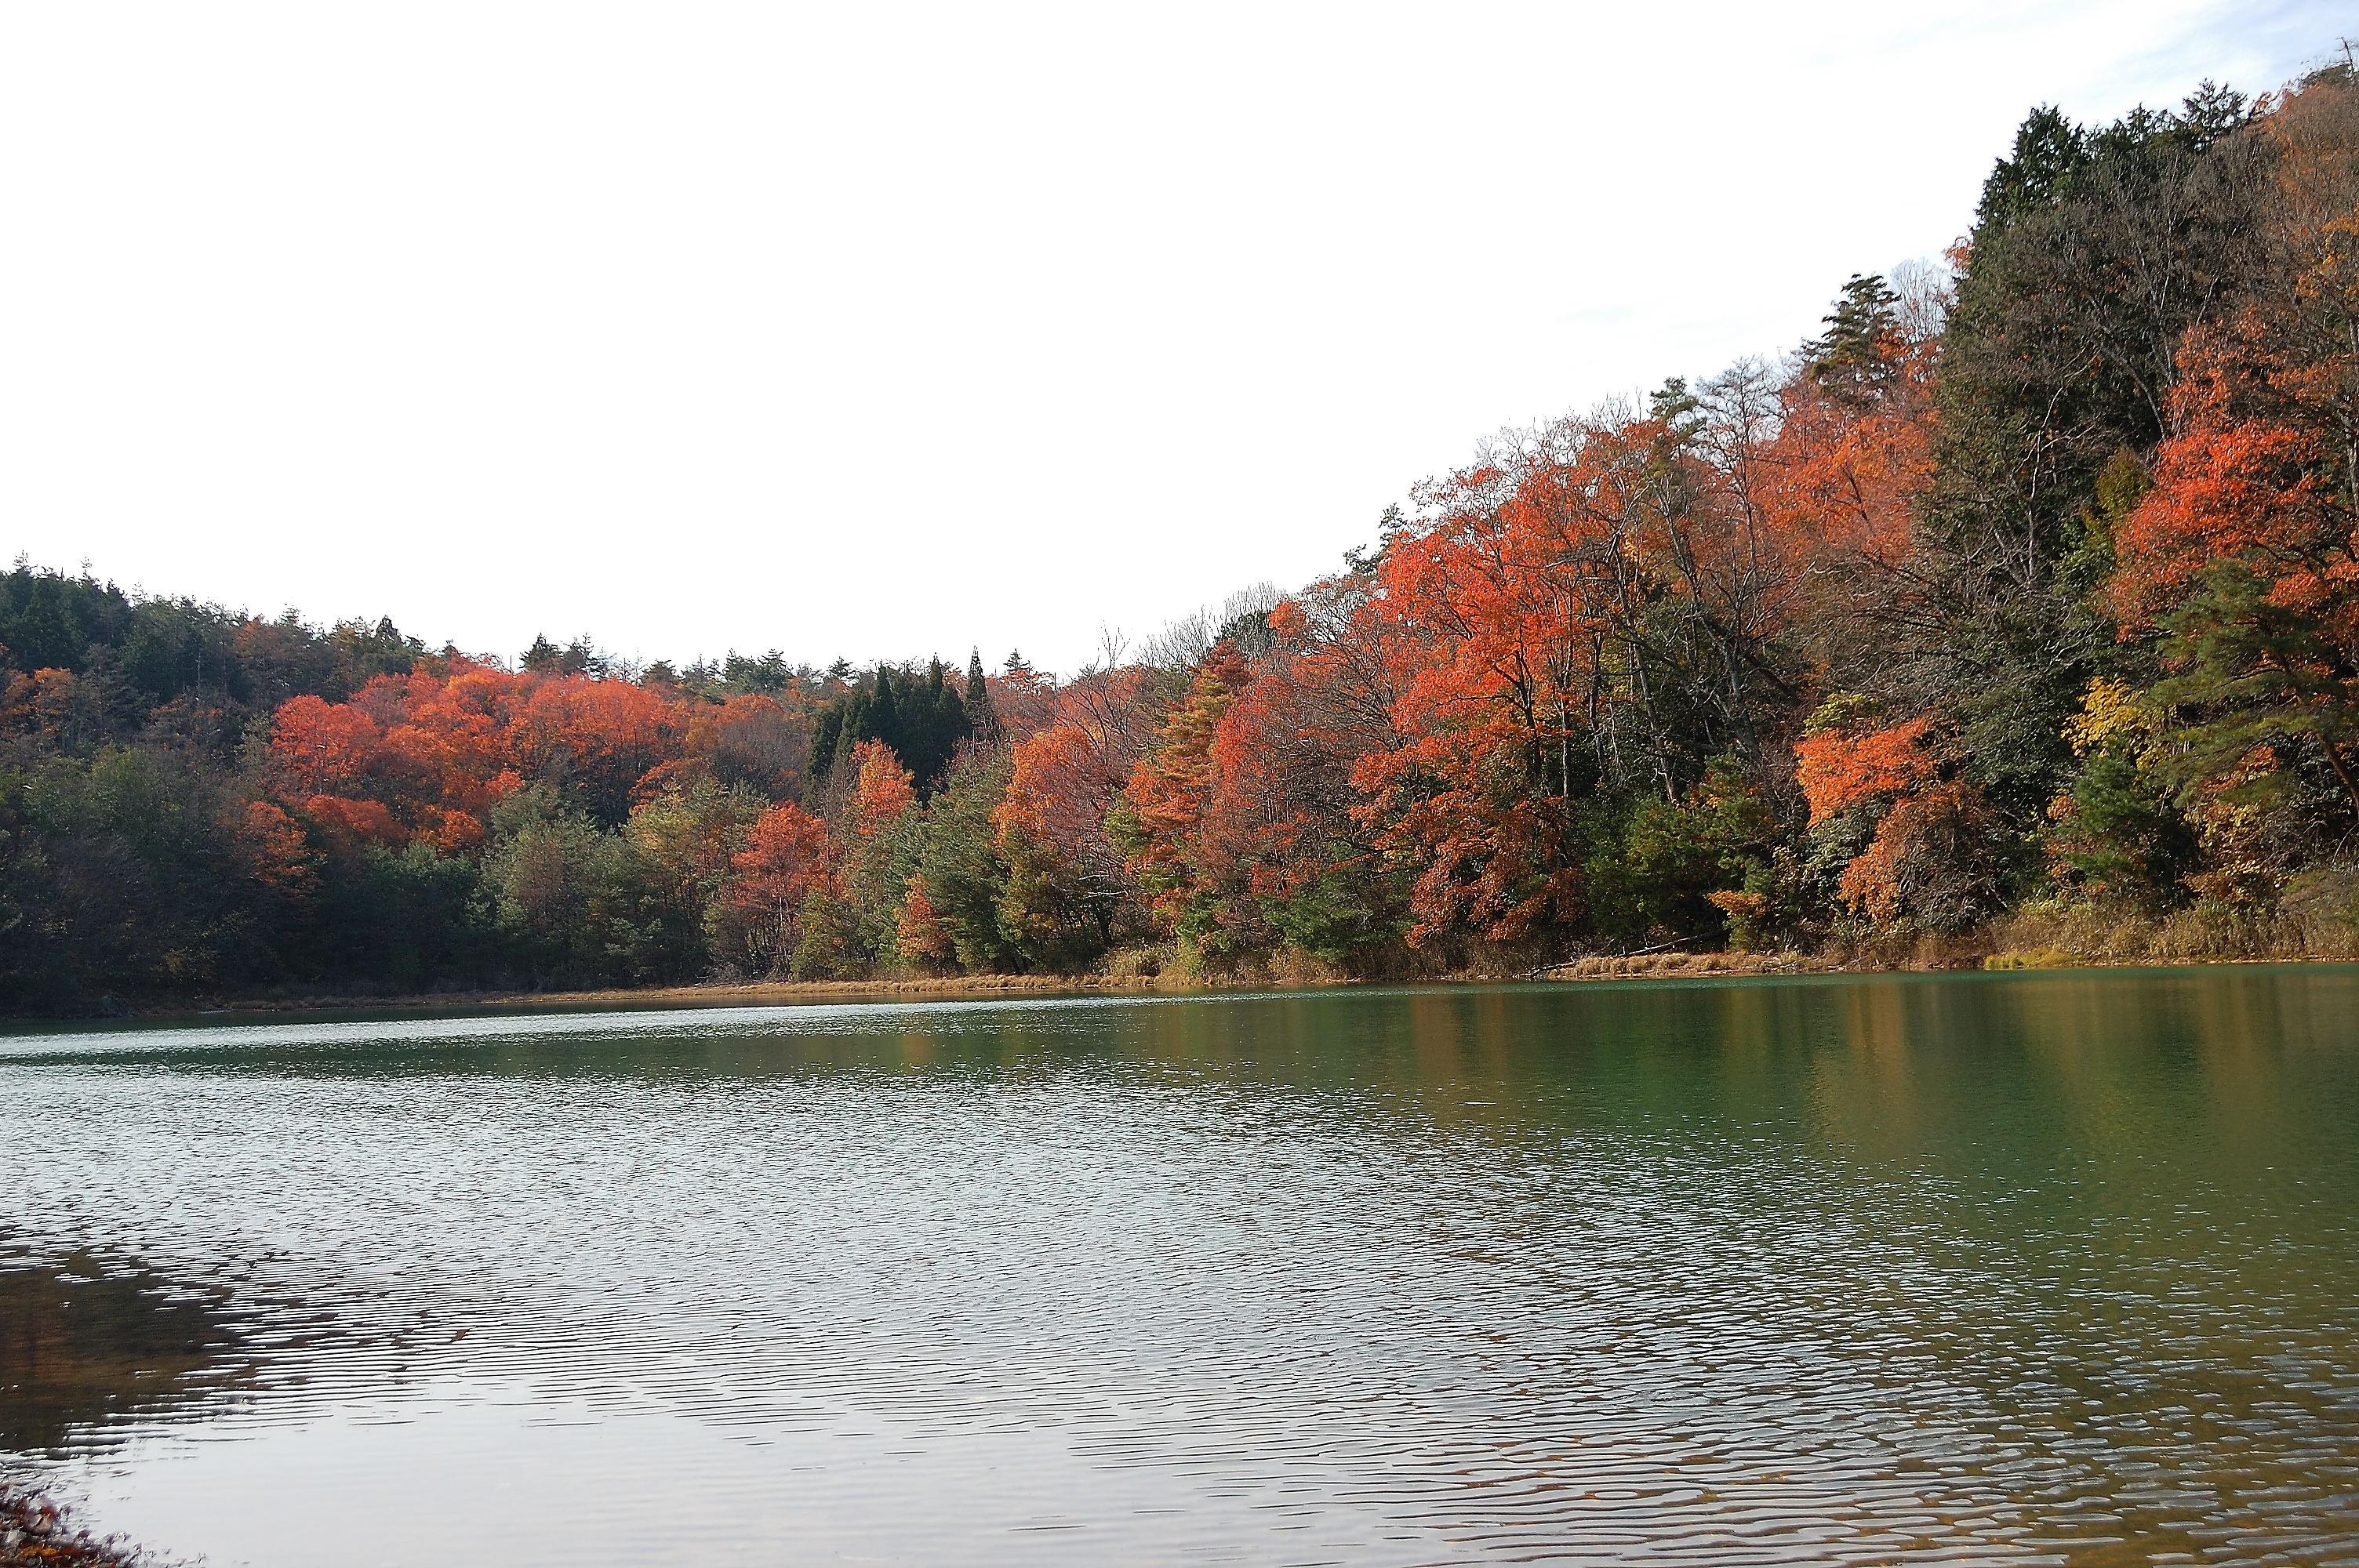 エメラルドグリーンに輝く京都・沢の池 | wakasa15thfd